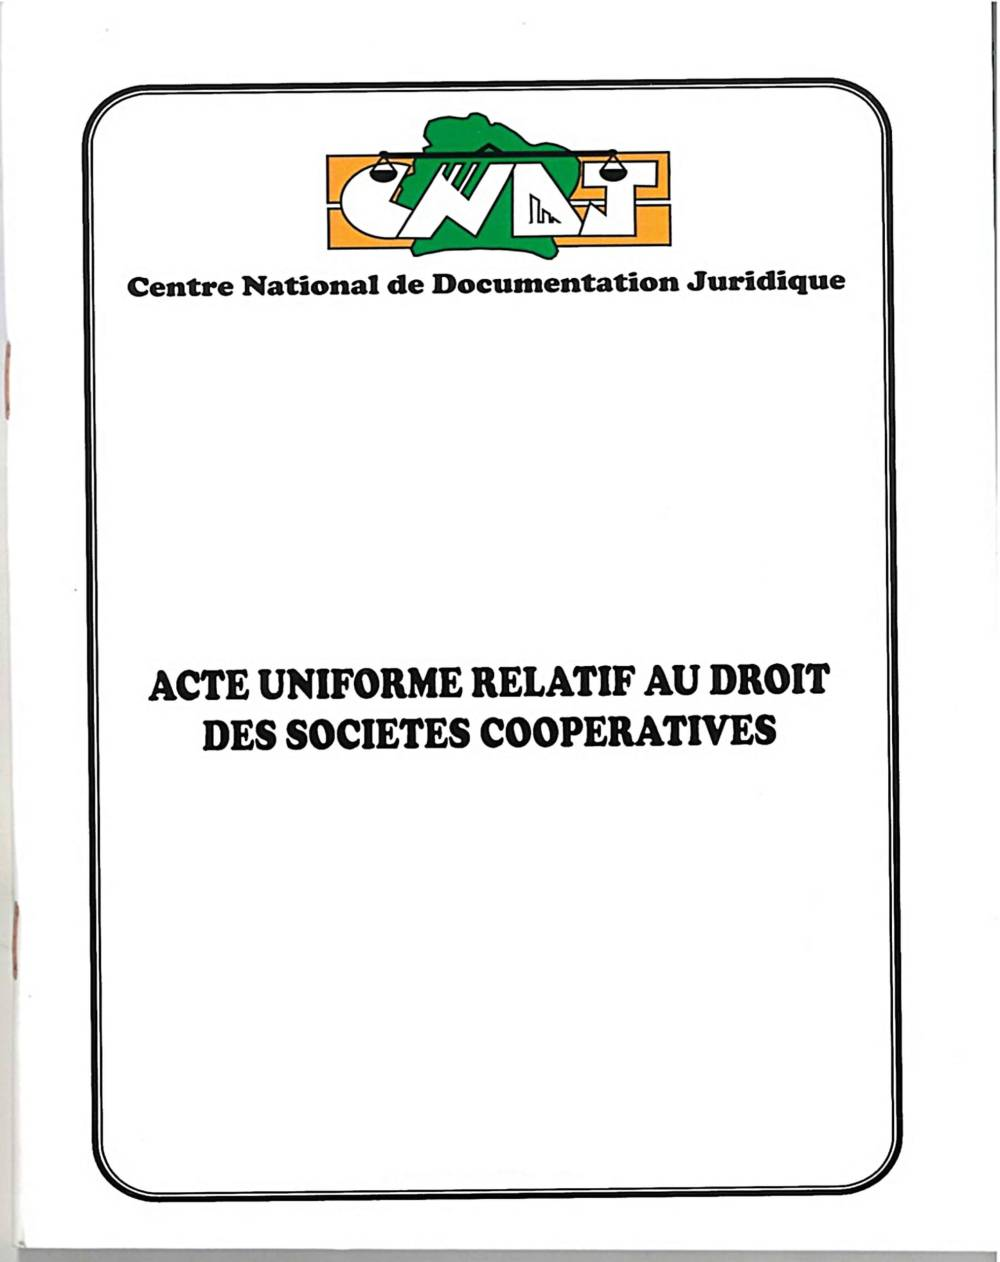 Acte Uniforme relatif au droit des sociétés coopératives